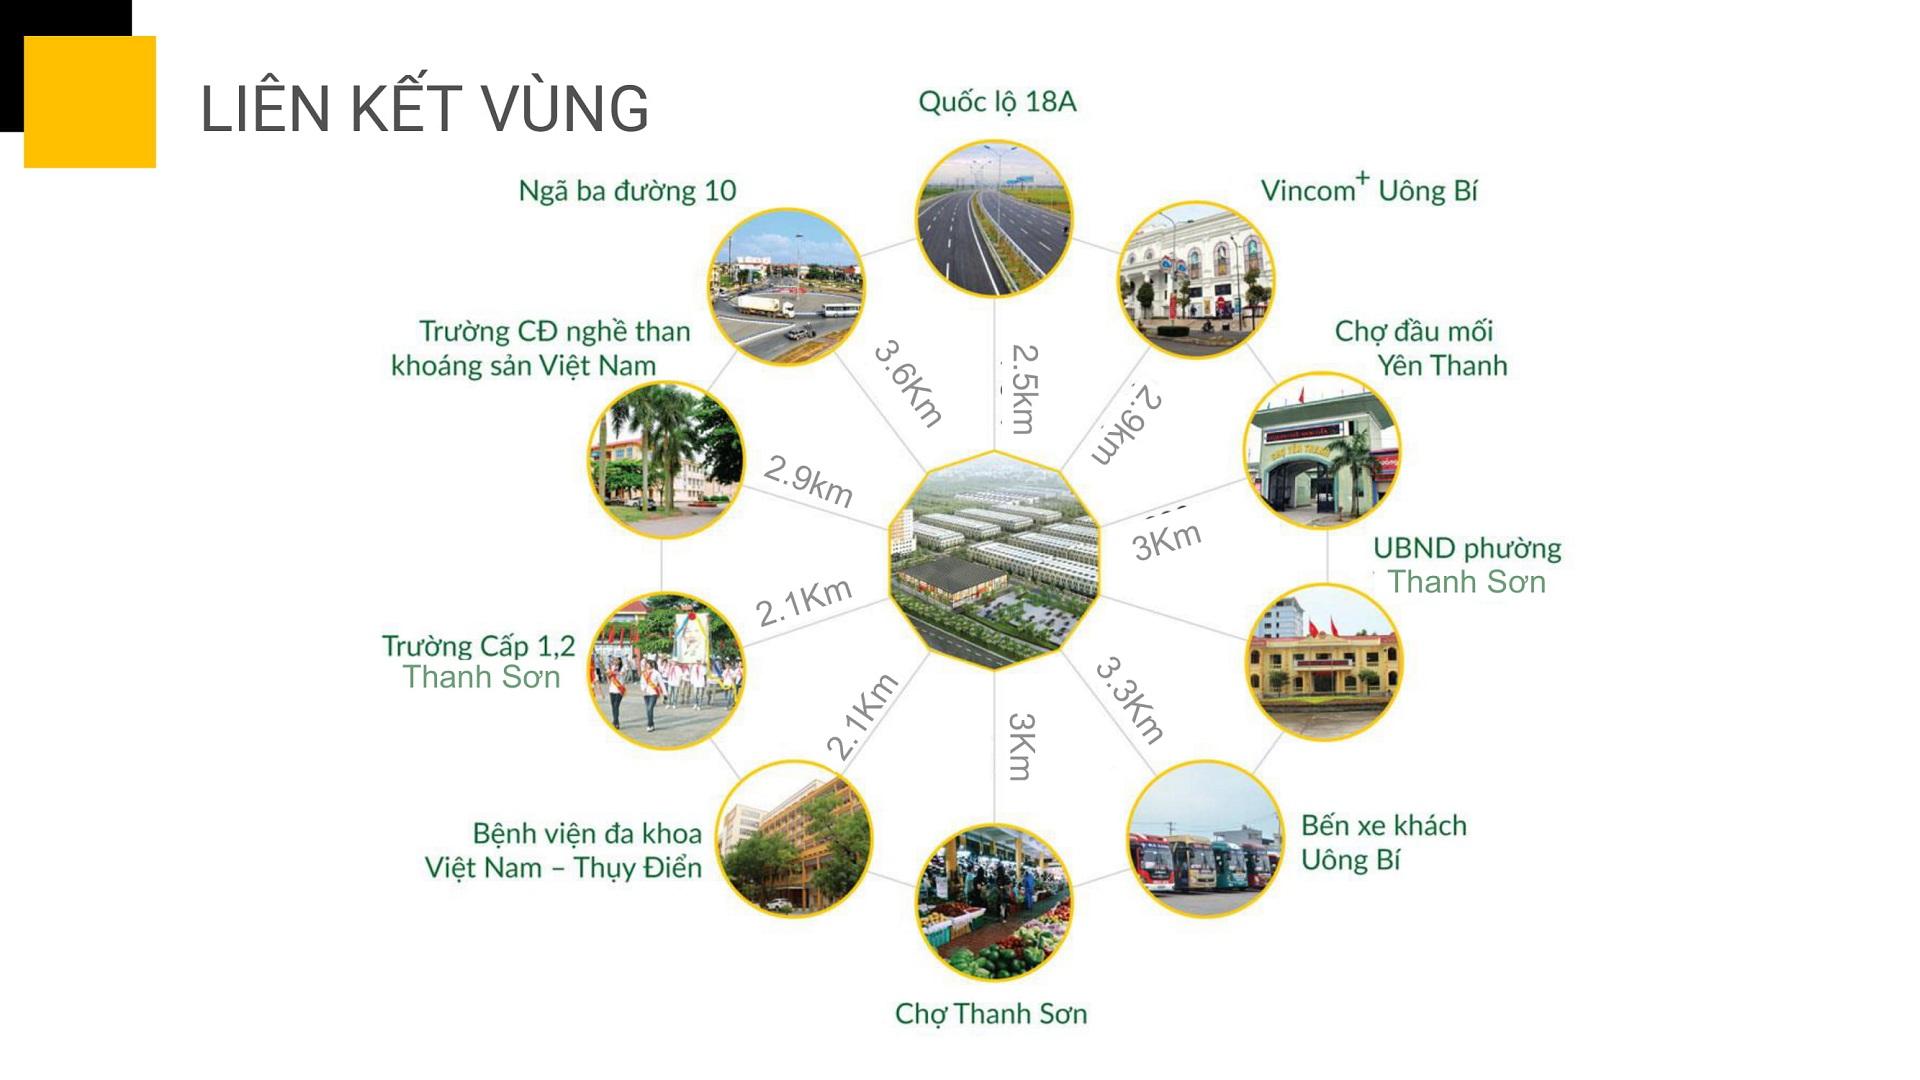 liên kết vùng dự án thalia valley uông bí